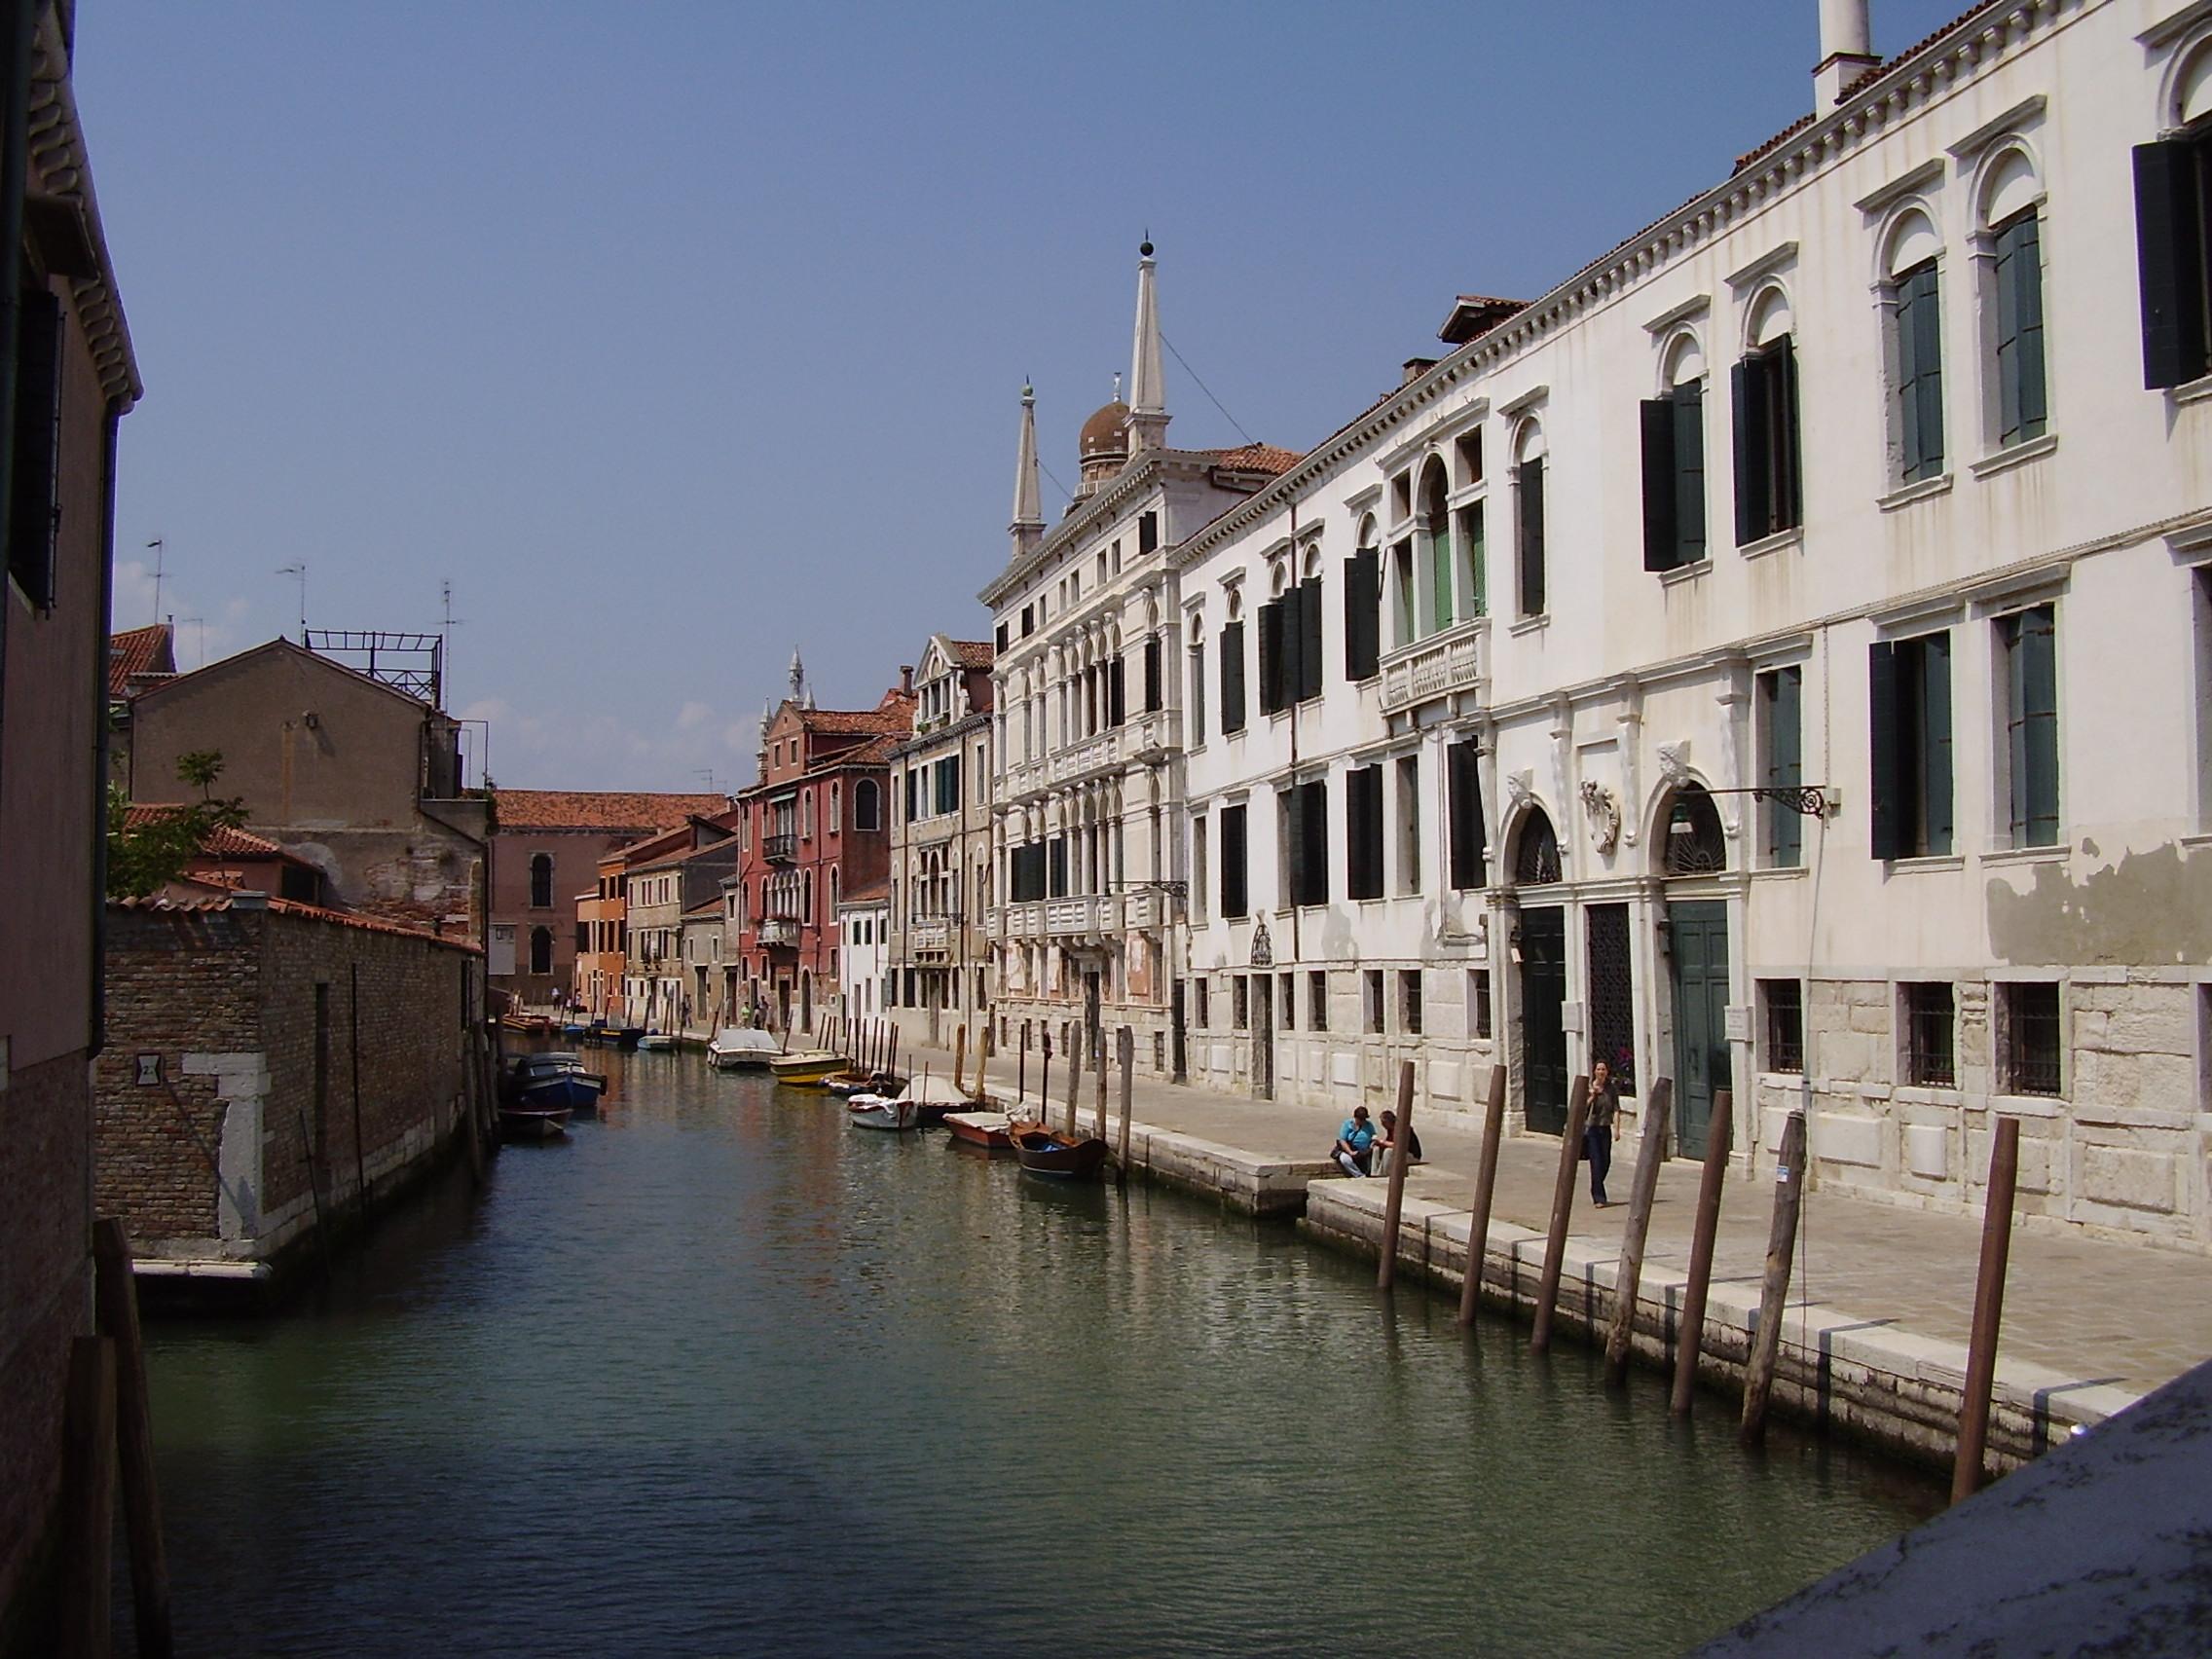 Canaux de Venise - Vénétie - Guide Privé Italie